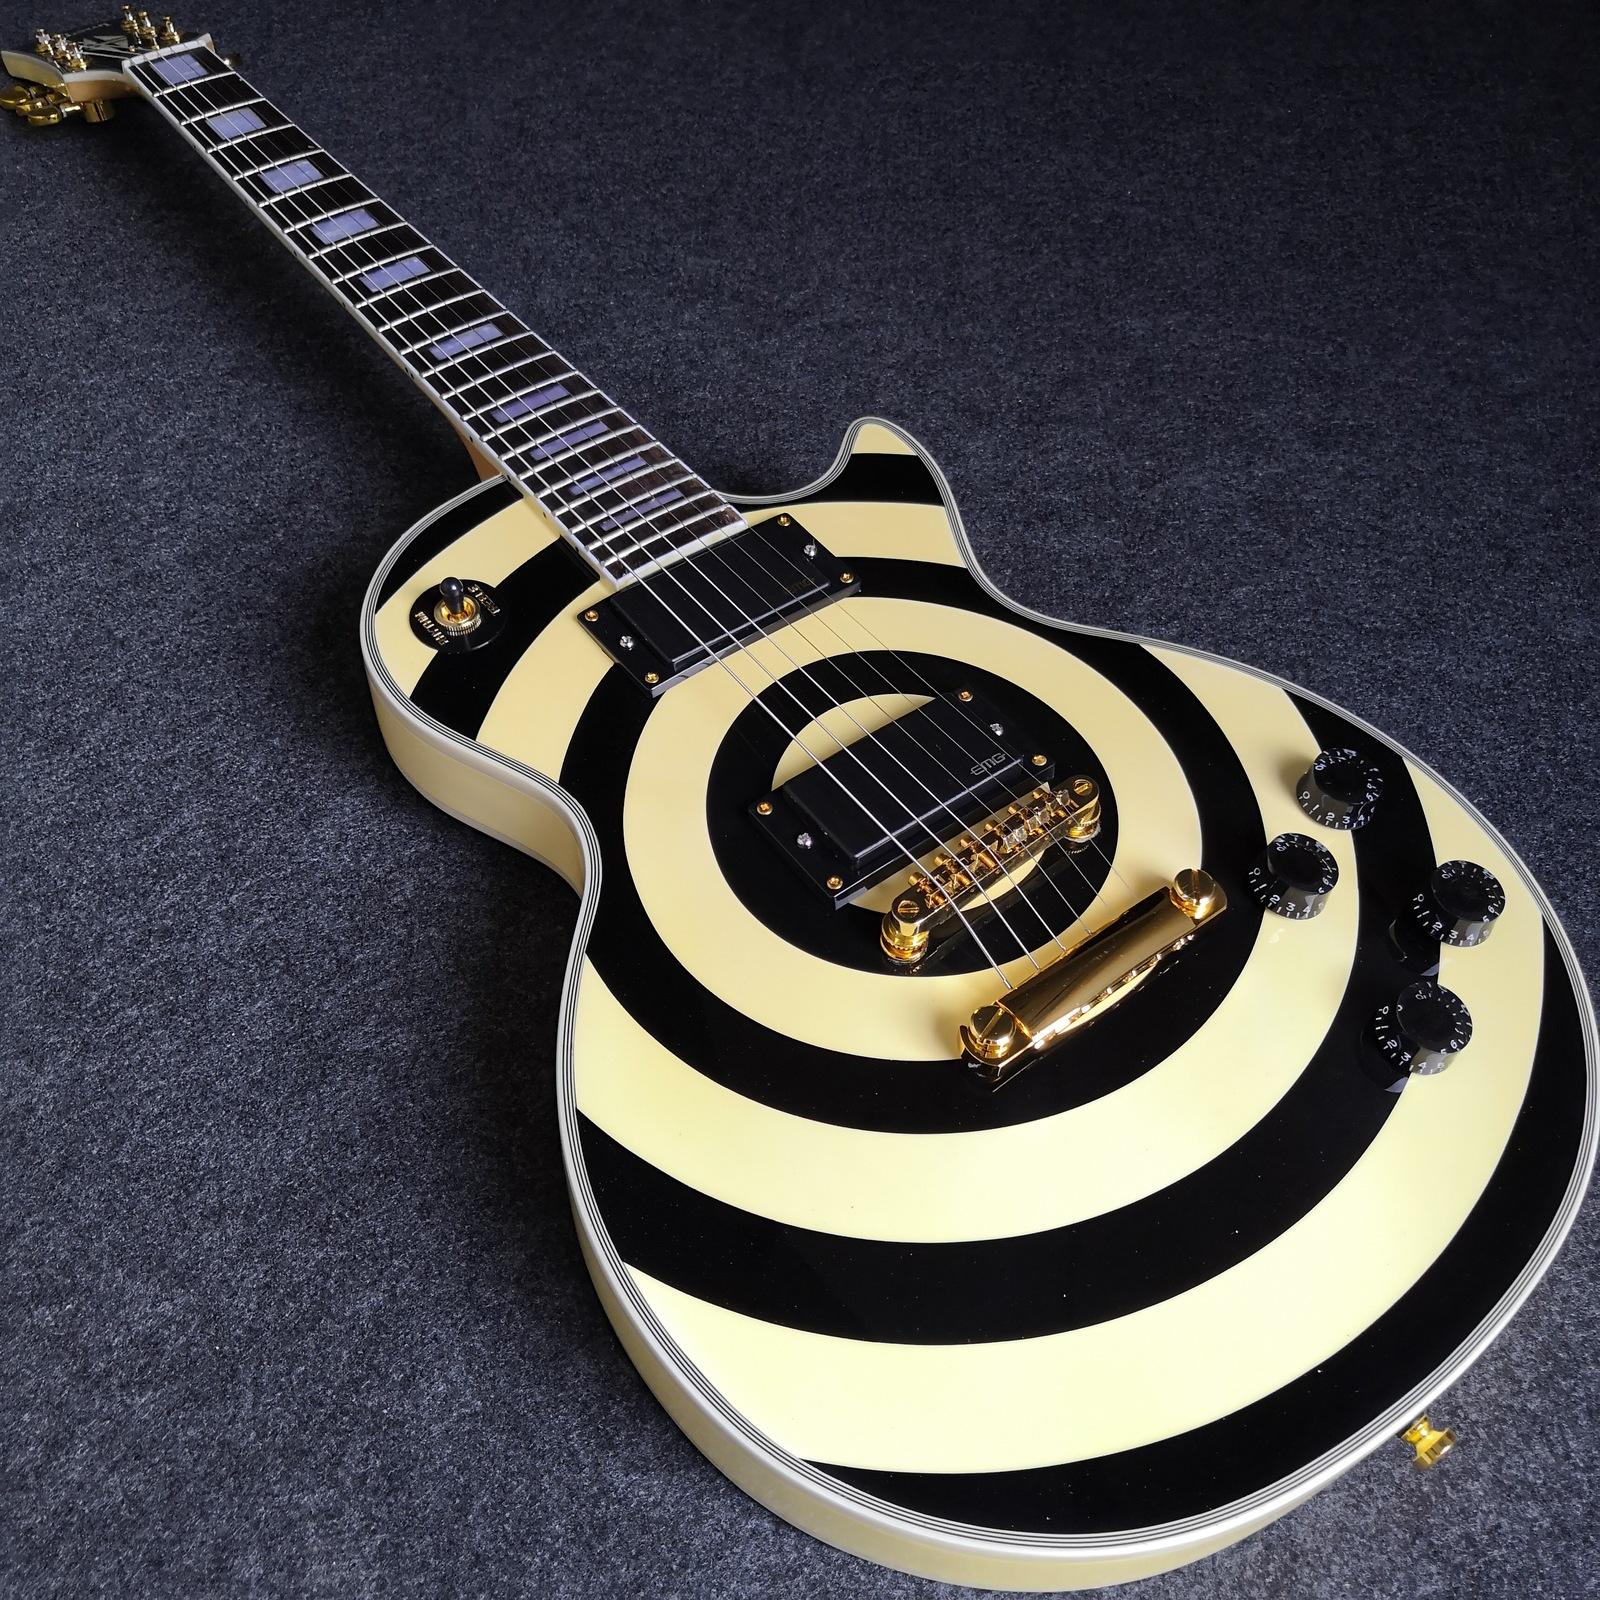 zakk wylde lp custom bullseye guitar reproduction acoustic. Black Bedroom Furniture Sets. Home Design Ideas